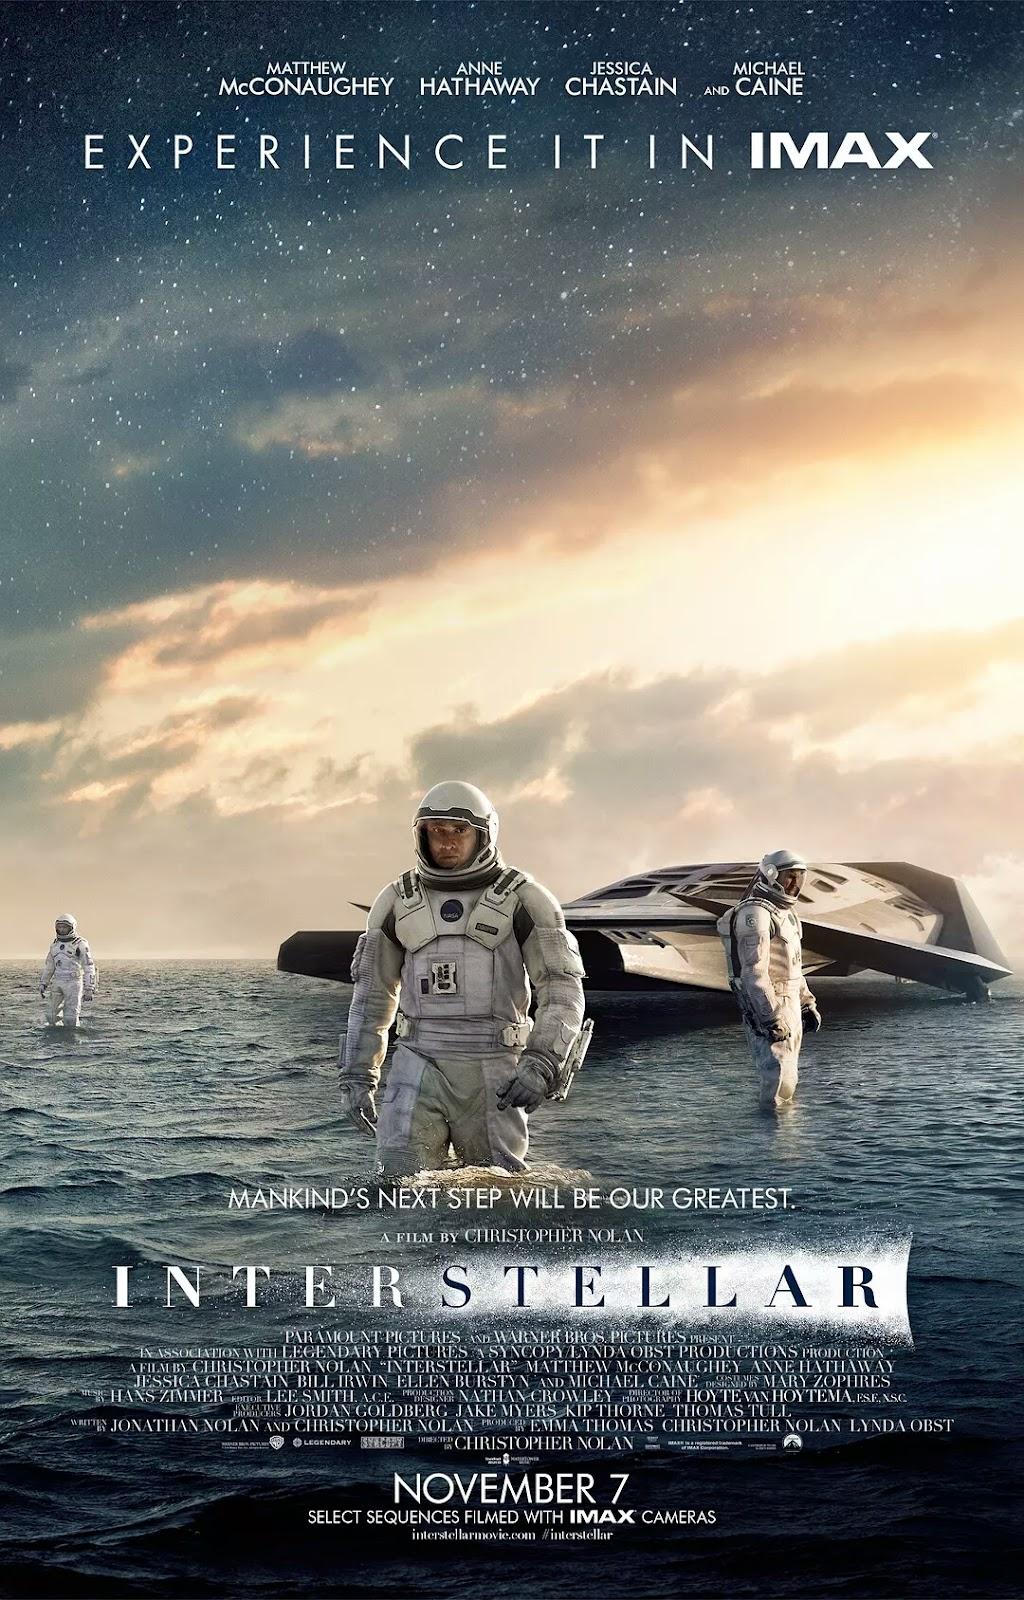 Top những bộ phim đáng xem nhất mọi thời đại